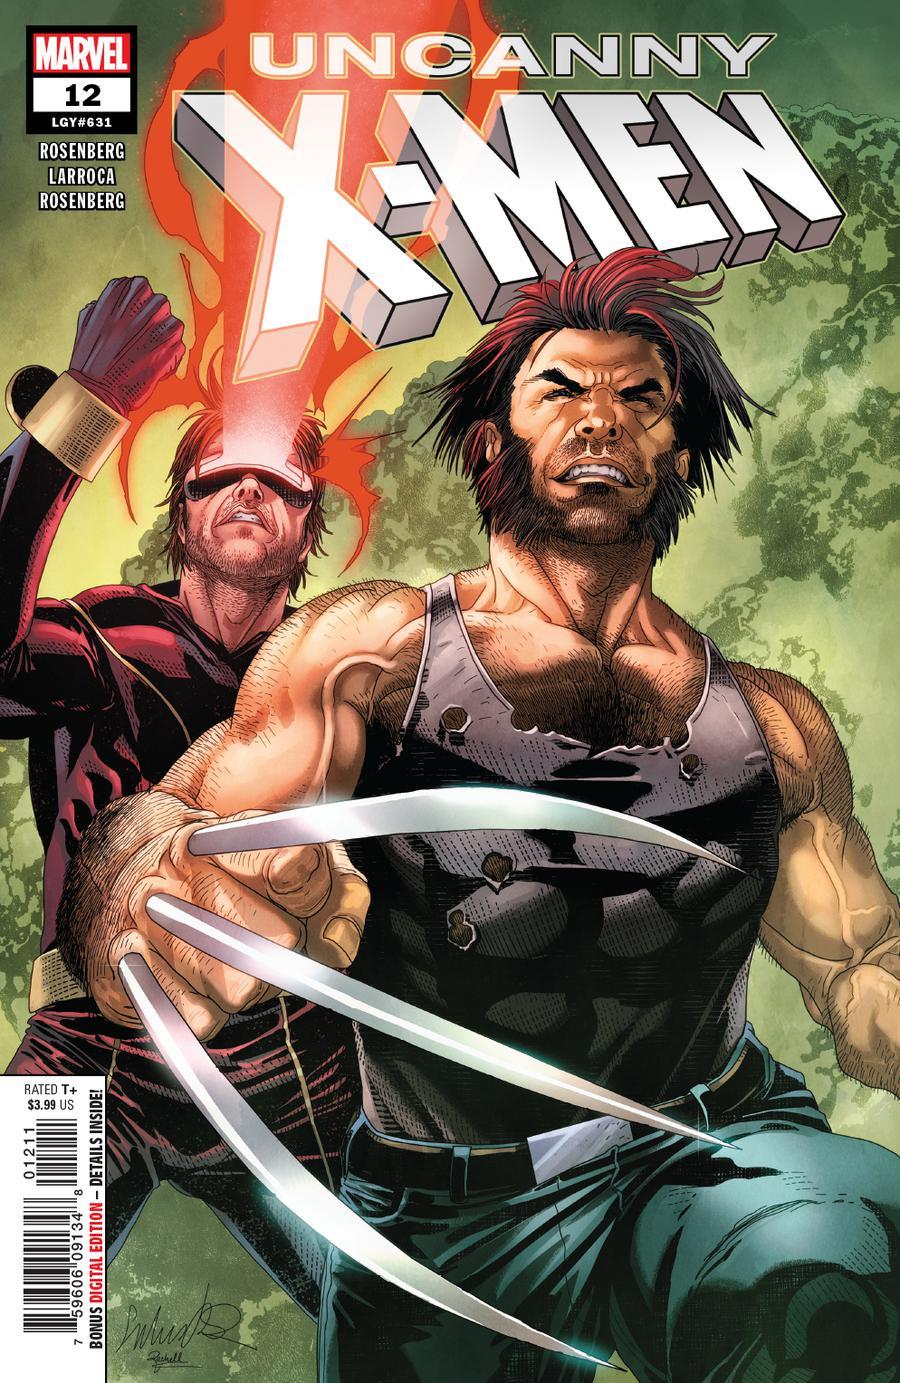 Uncanny X-Men Vol 5 #12 Cover A 1st Ptg Regular Salvador Larroca Cover